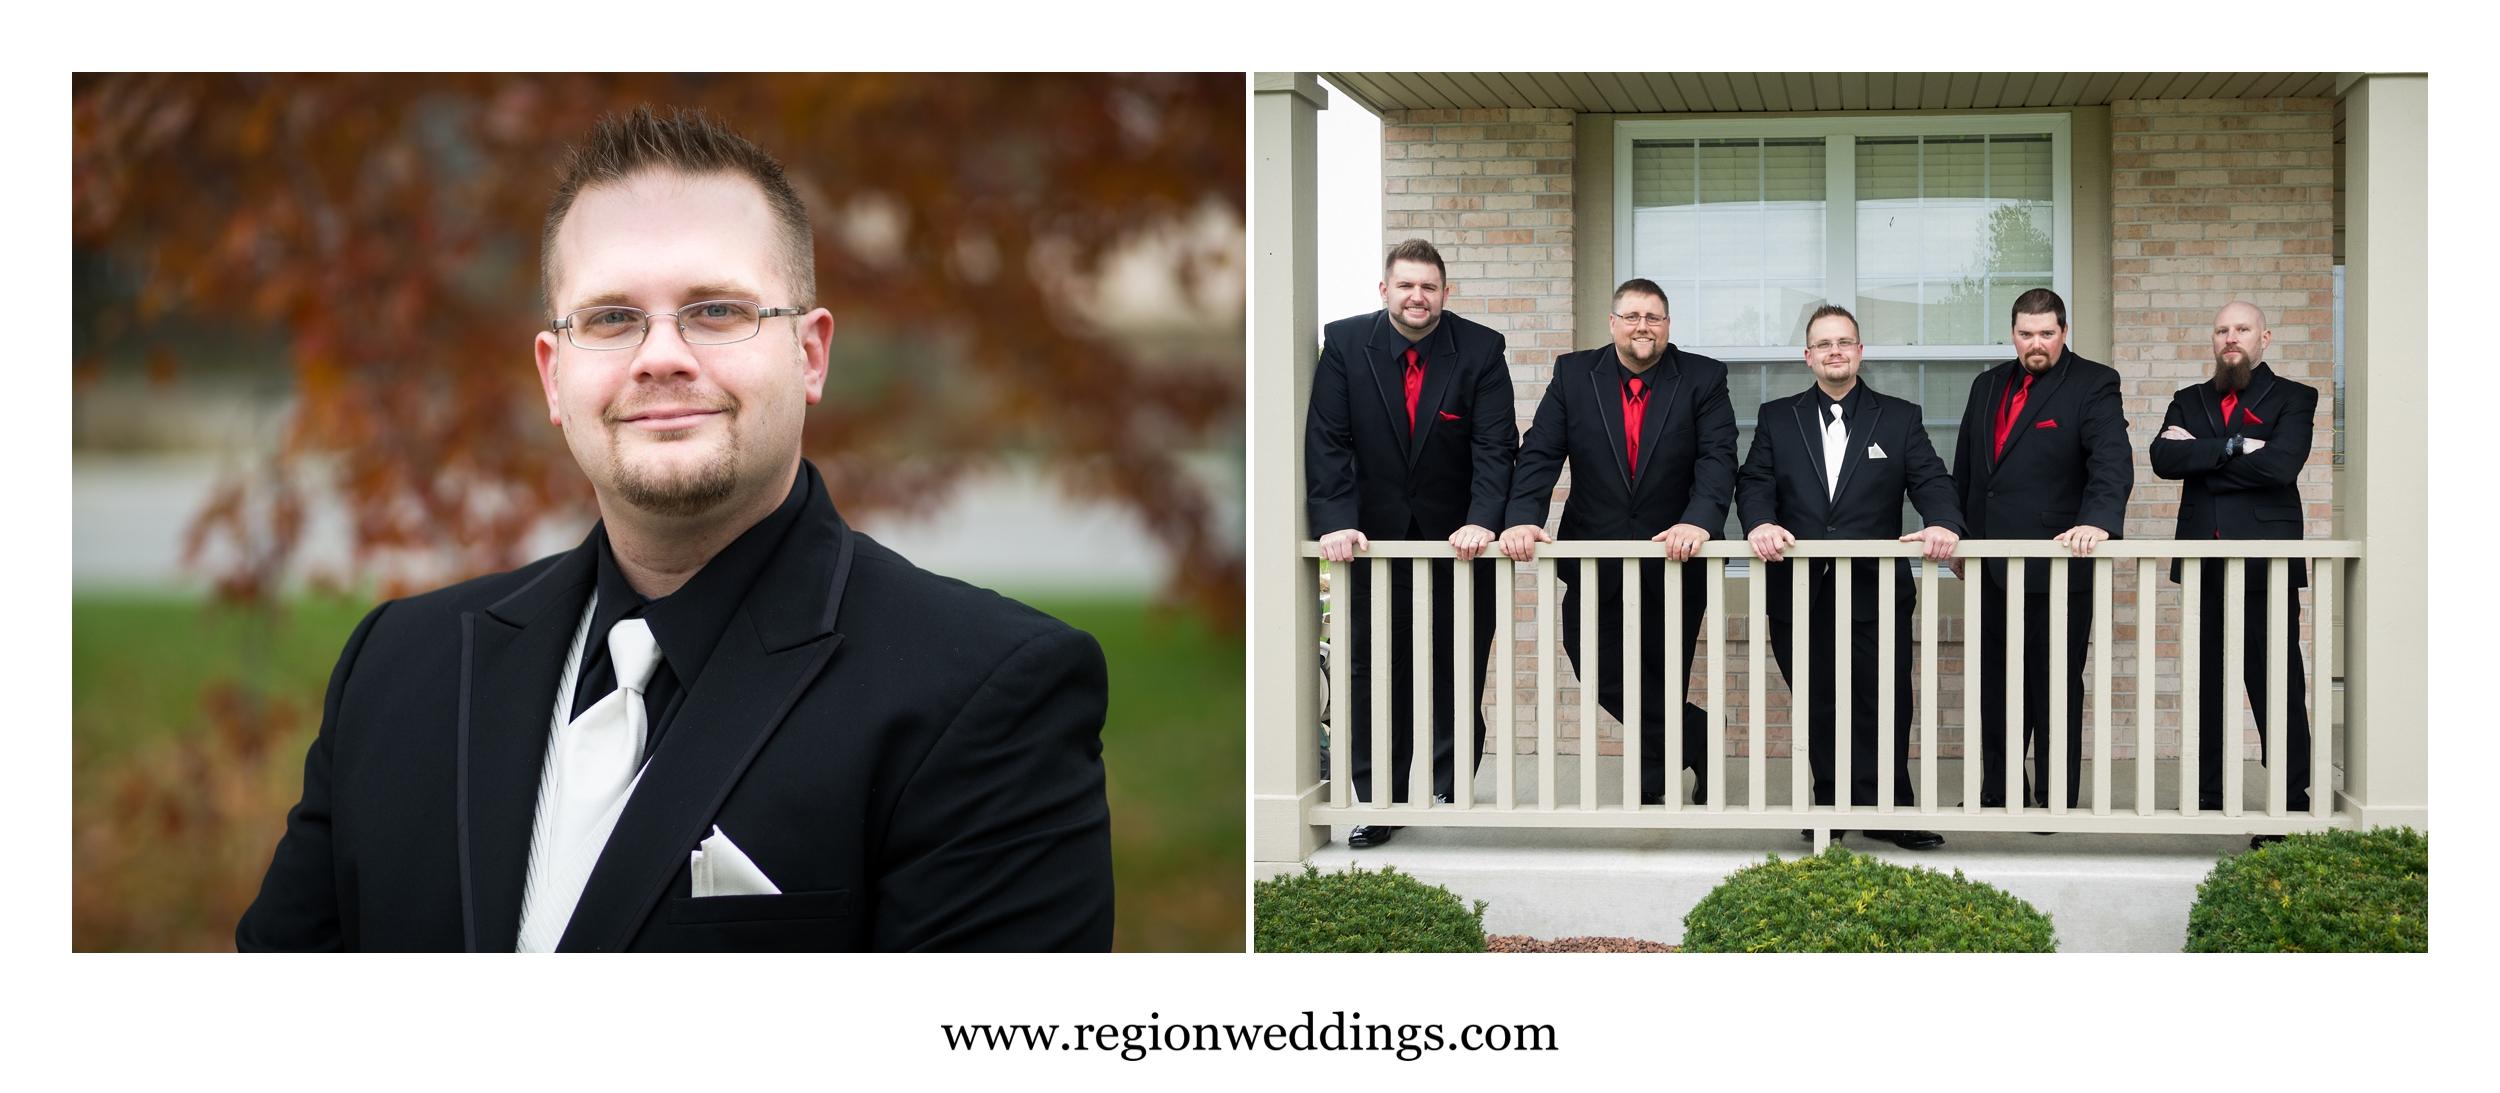 Pre ceremony photos of the groomsmen.